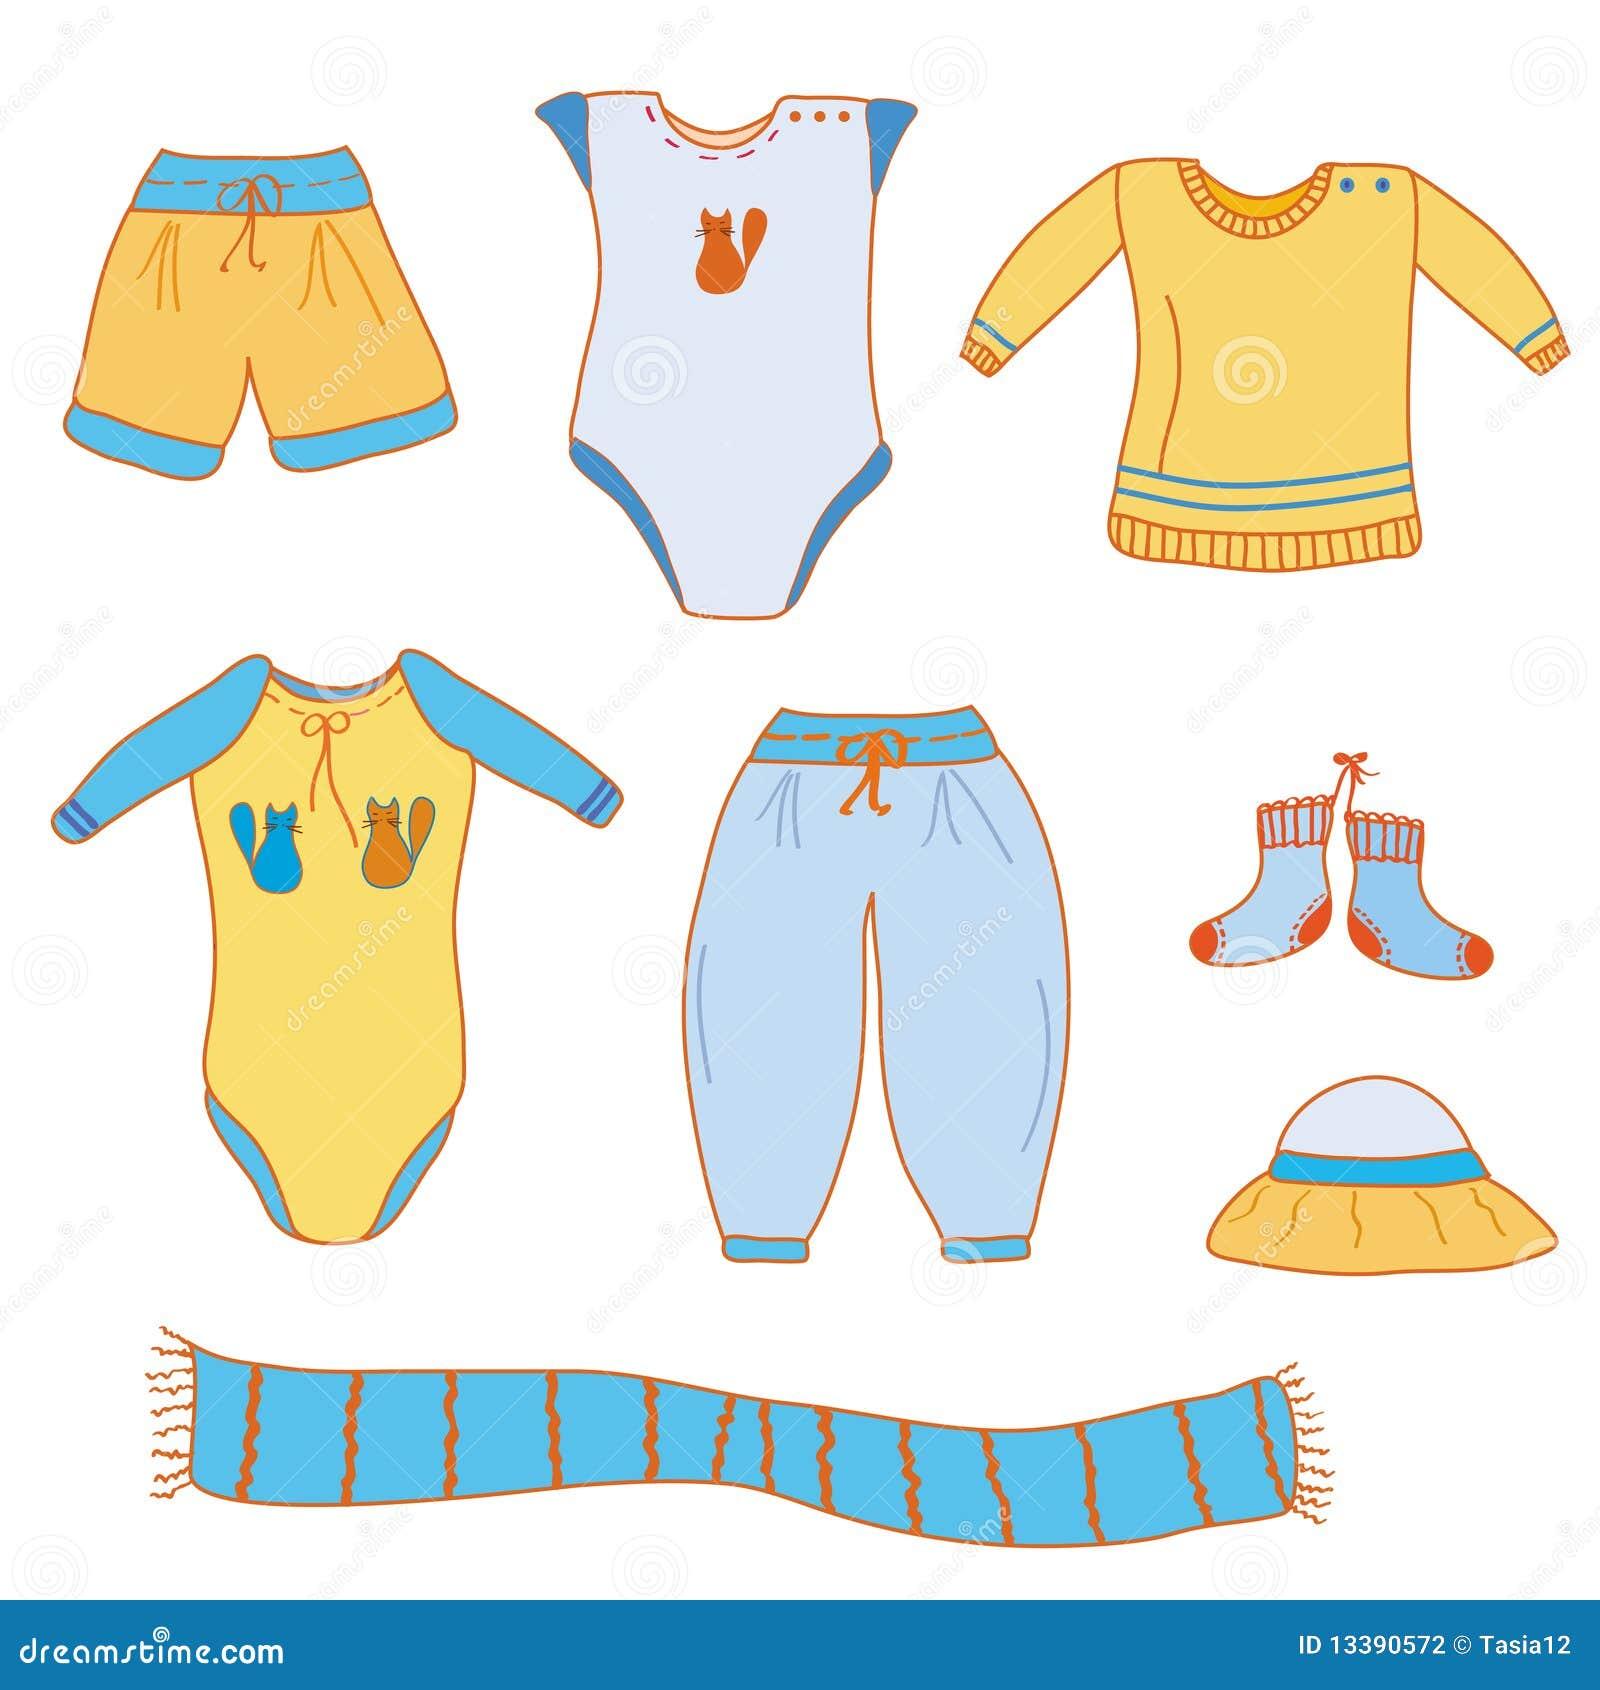 Babykleidung aller Art - riesige Auswahl an Stramplern, Babyshorts, Babybodys, Babyjeans uvm. von hunderten von Herstellern. Babykleidung aller Art - riesige Auswahl an Stramplern, Babyshorts, Babybodys, Babyjeans uvm. von hunderten von Herstellern. Die ganze Welt der Babybekleidung.